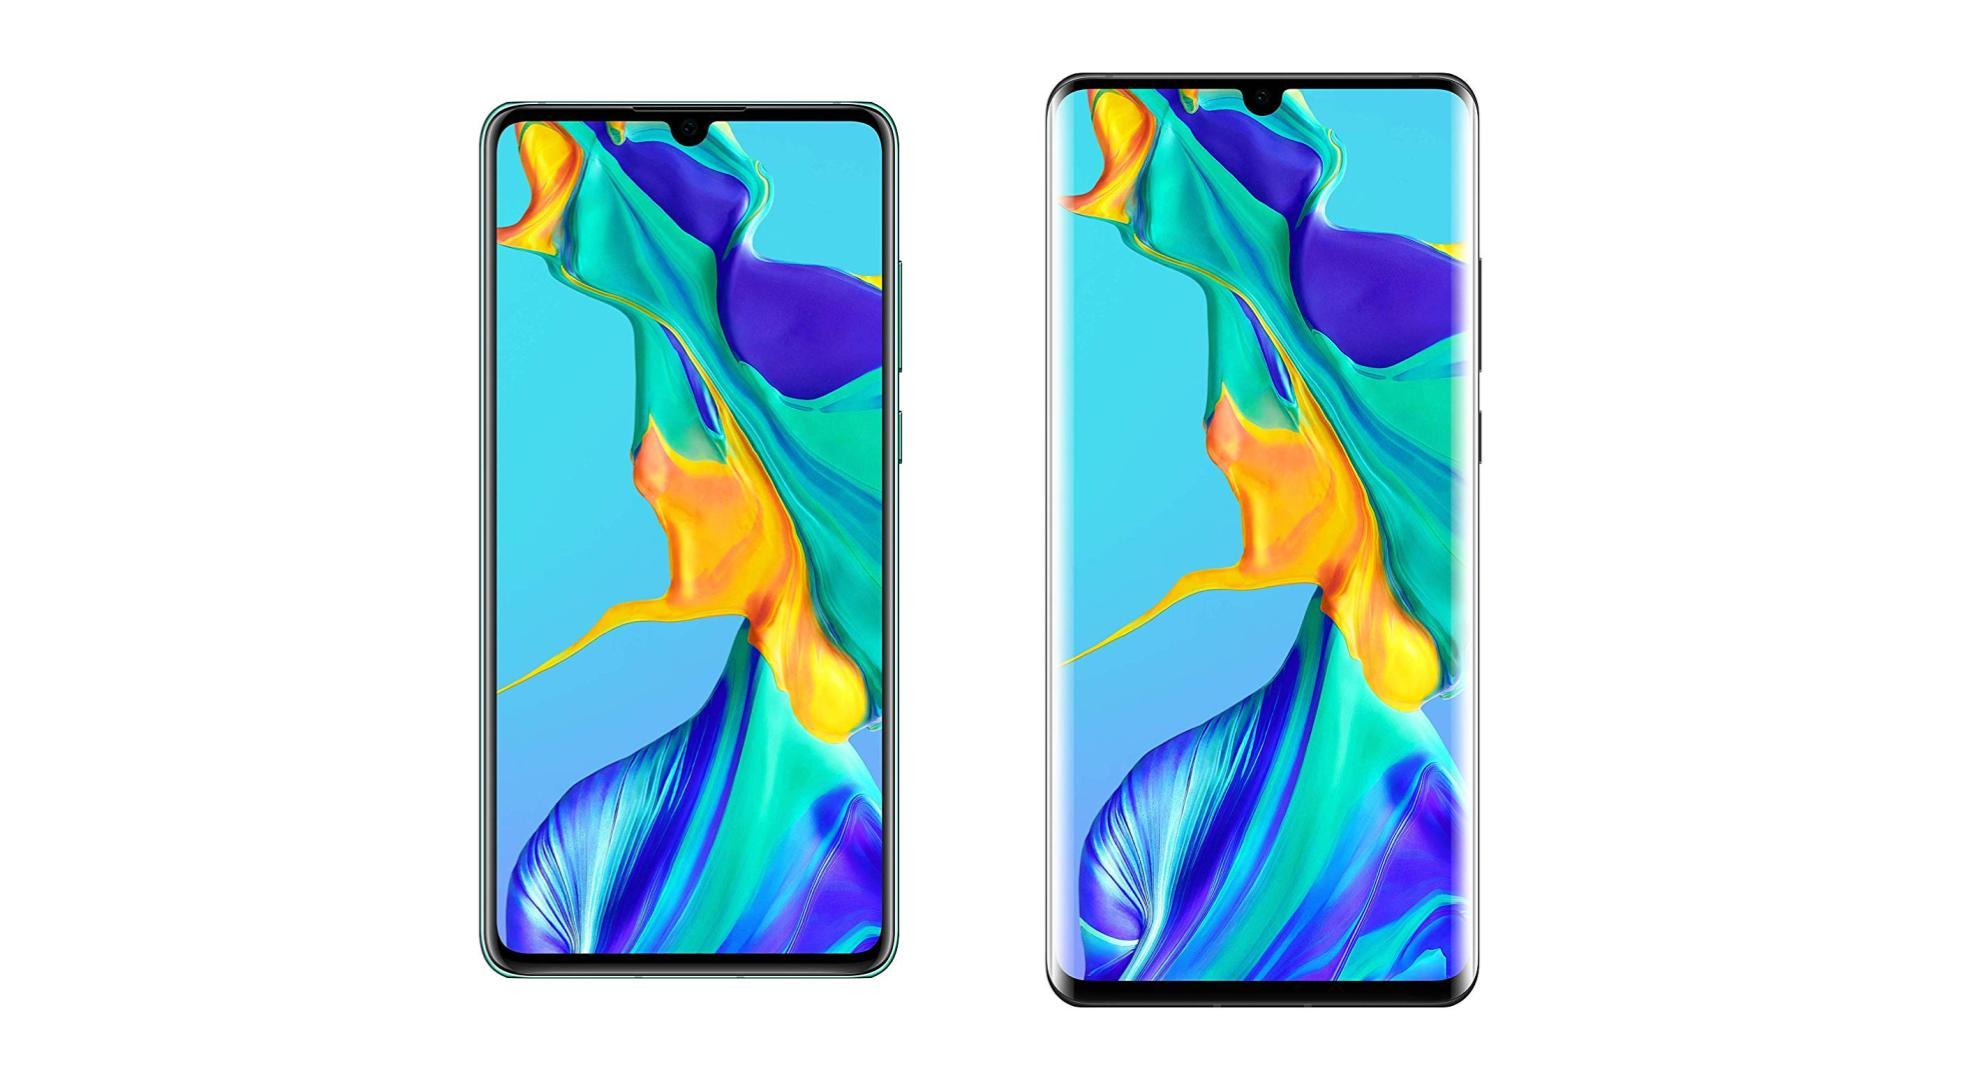 🔥 Bon plan : le Huawei P30 à 599 euros et le P30 Pro à 799 euros (soit 200 euros d'économie)